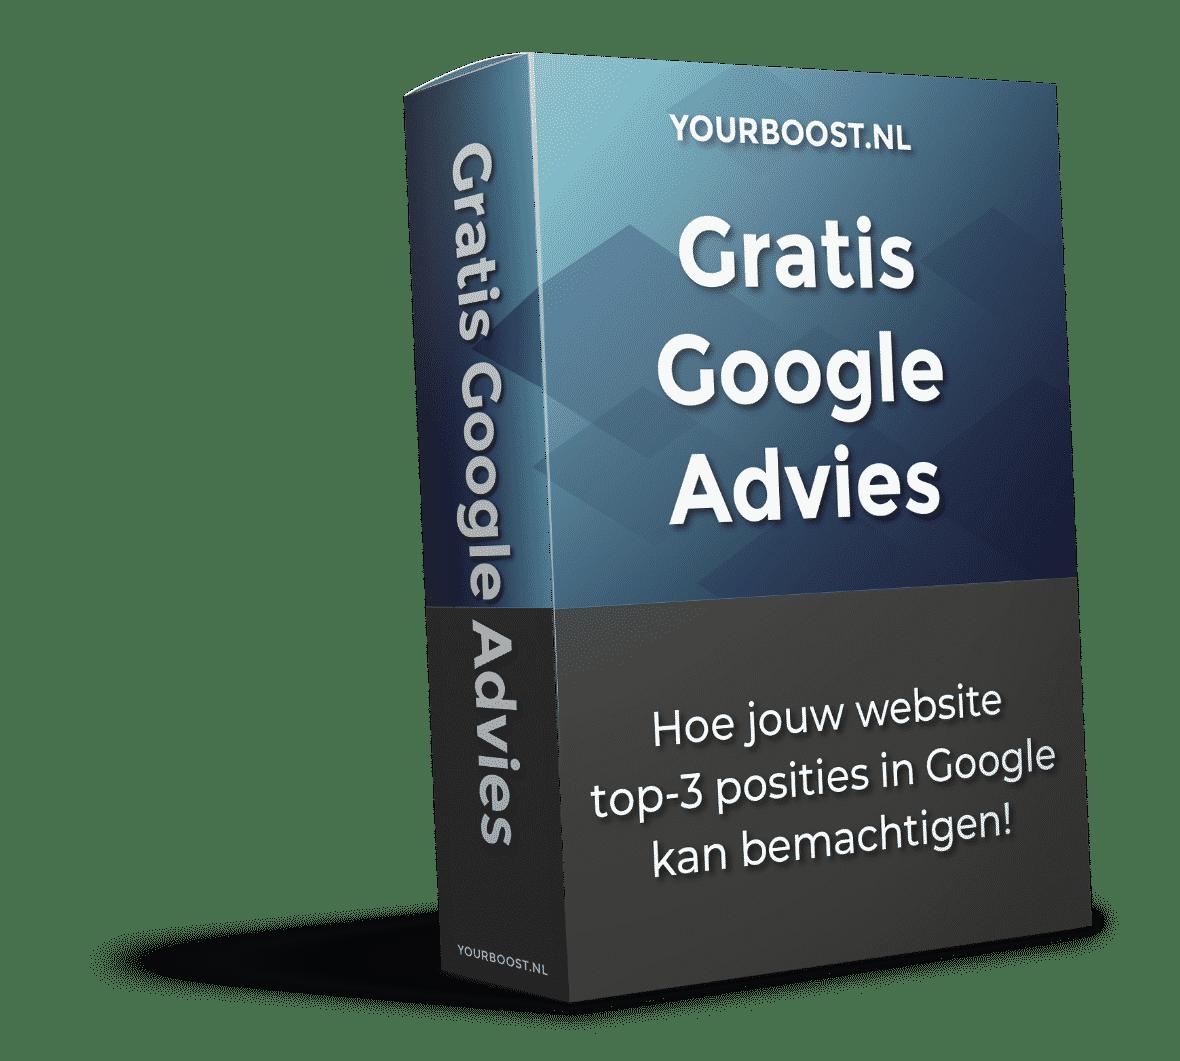 Gratis Google Advies